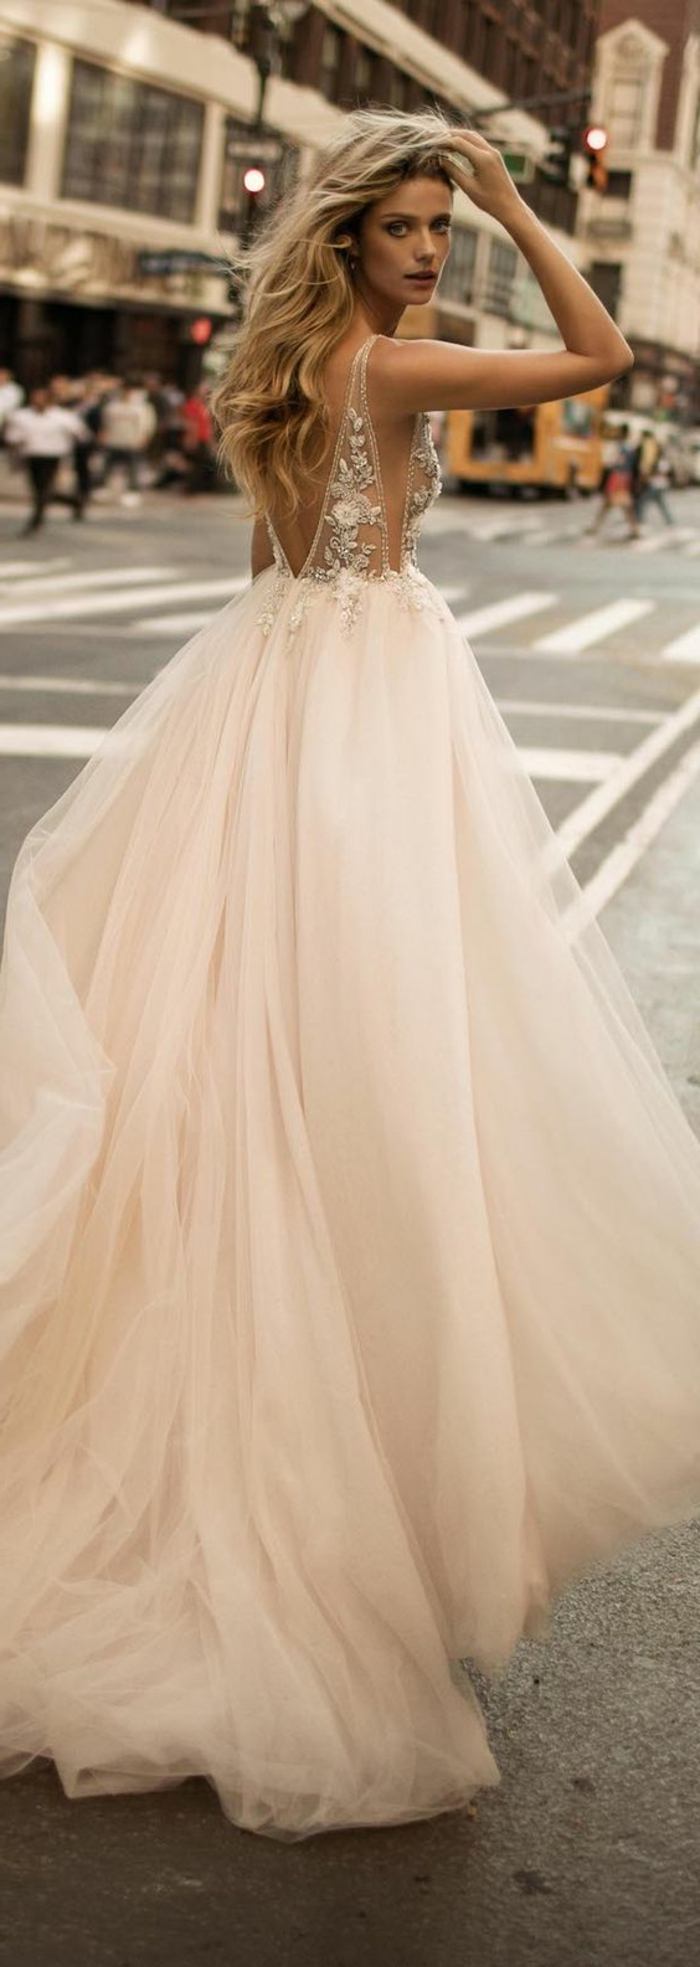 robe de mariée couleur champagne, robe dos nu, cheveux ondulantes